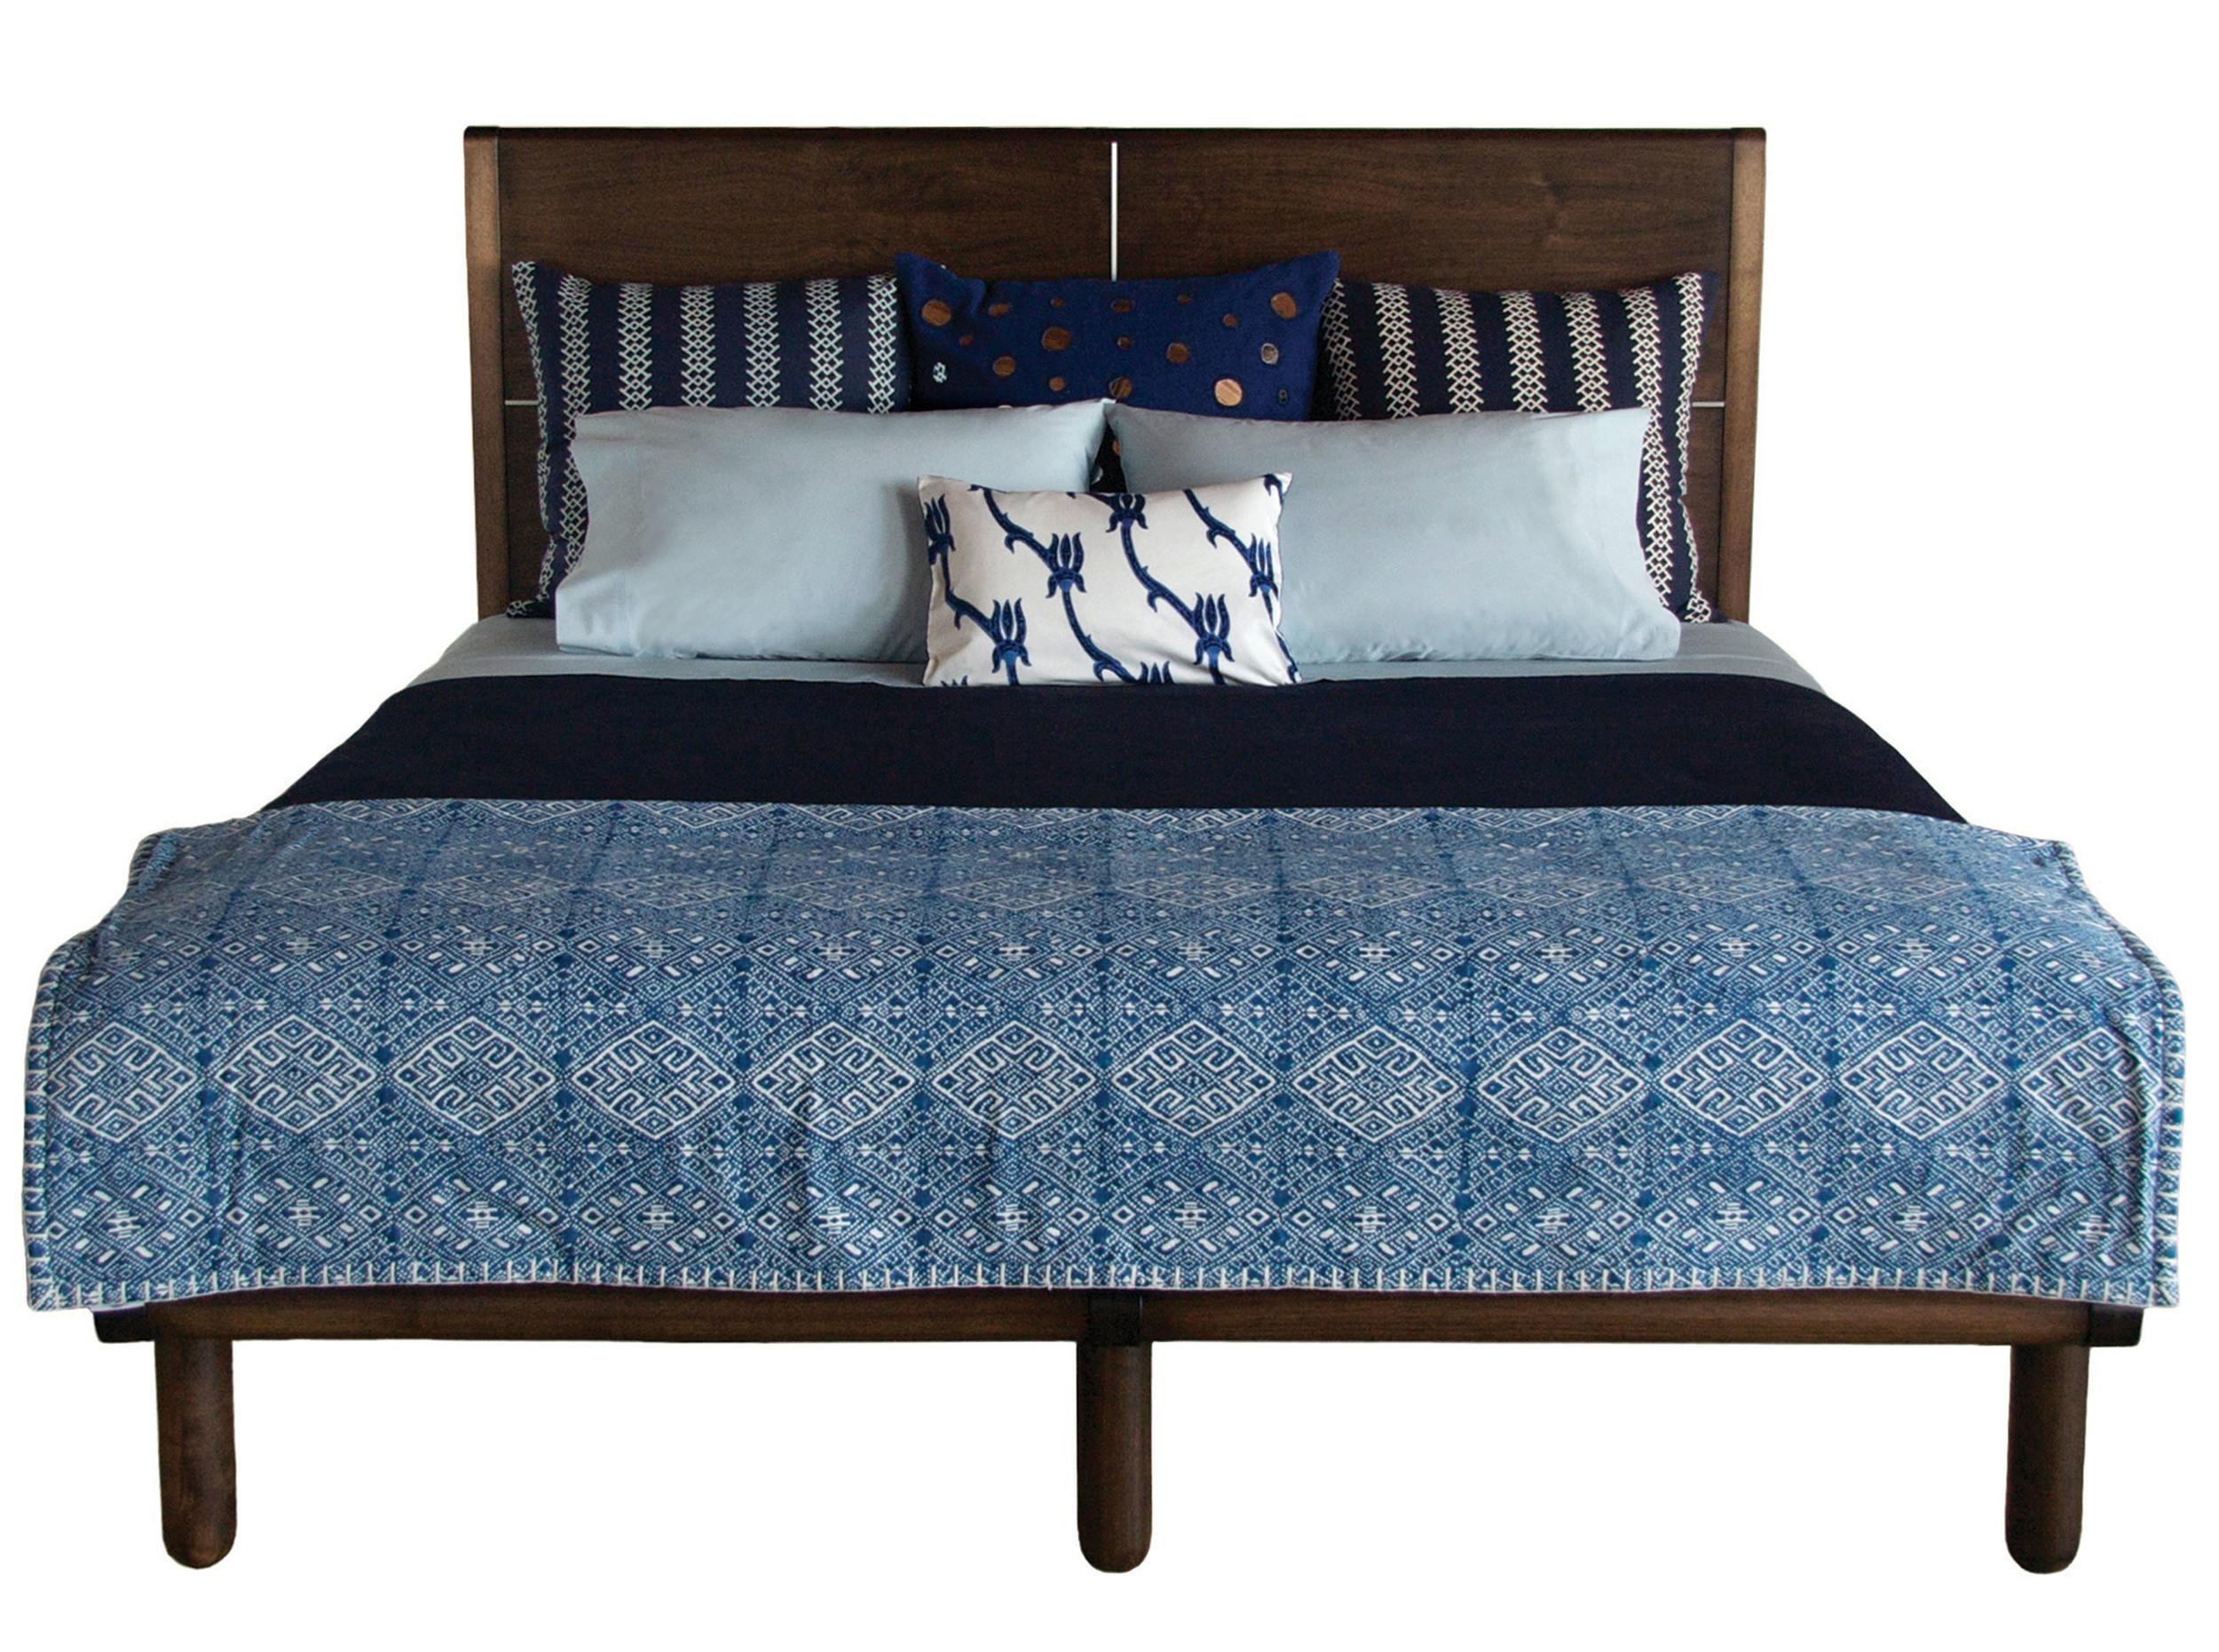 Isaksen bed in walnut - marrakesh stain